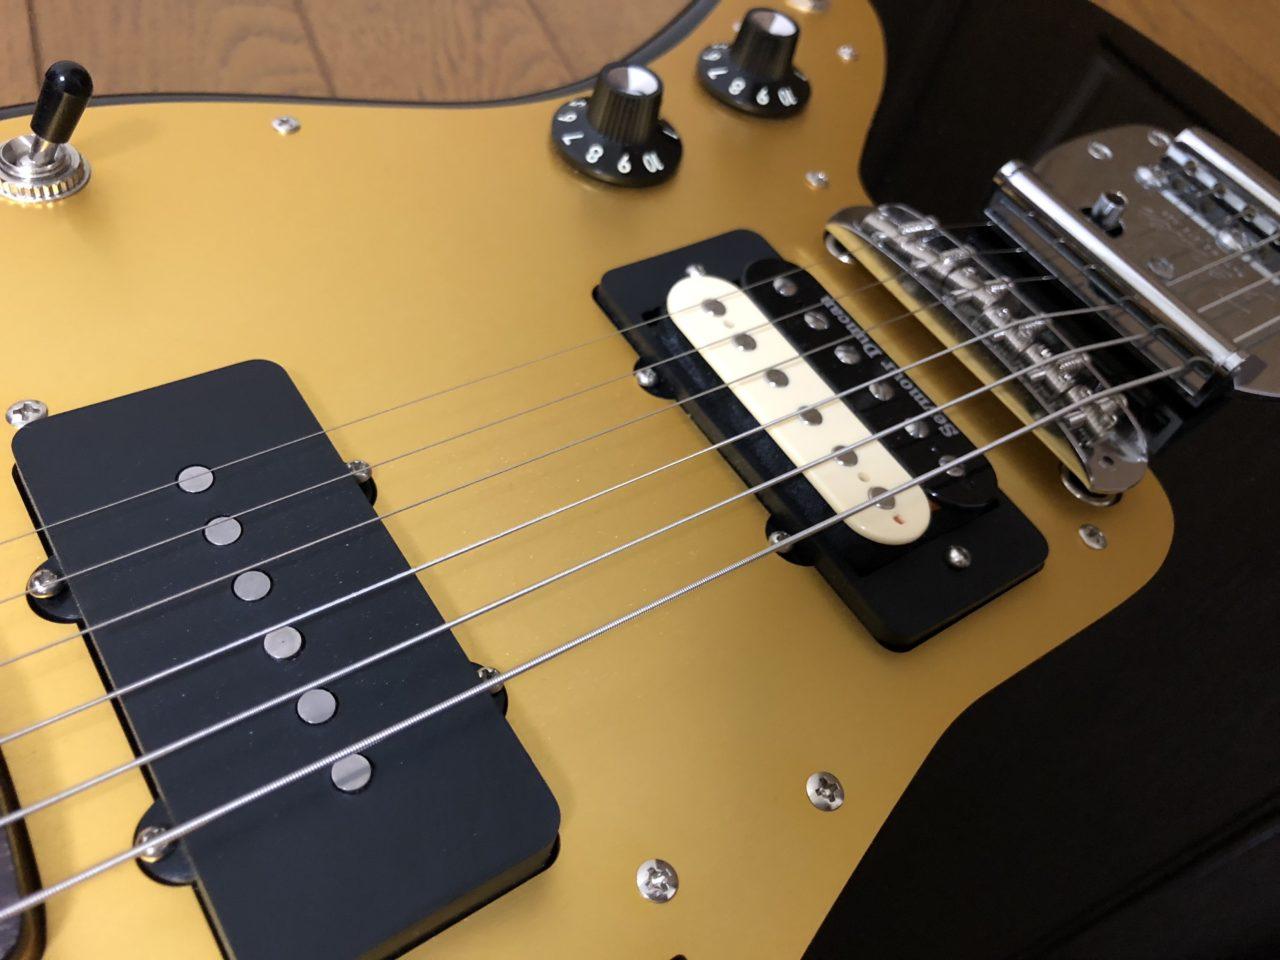 【改造】フェンダージャパンのジャズマスターに簡単にハムバッカーを取り付ける方法